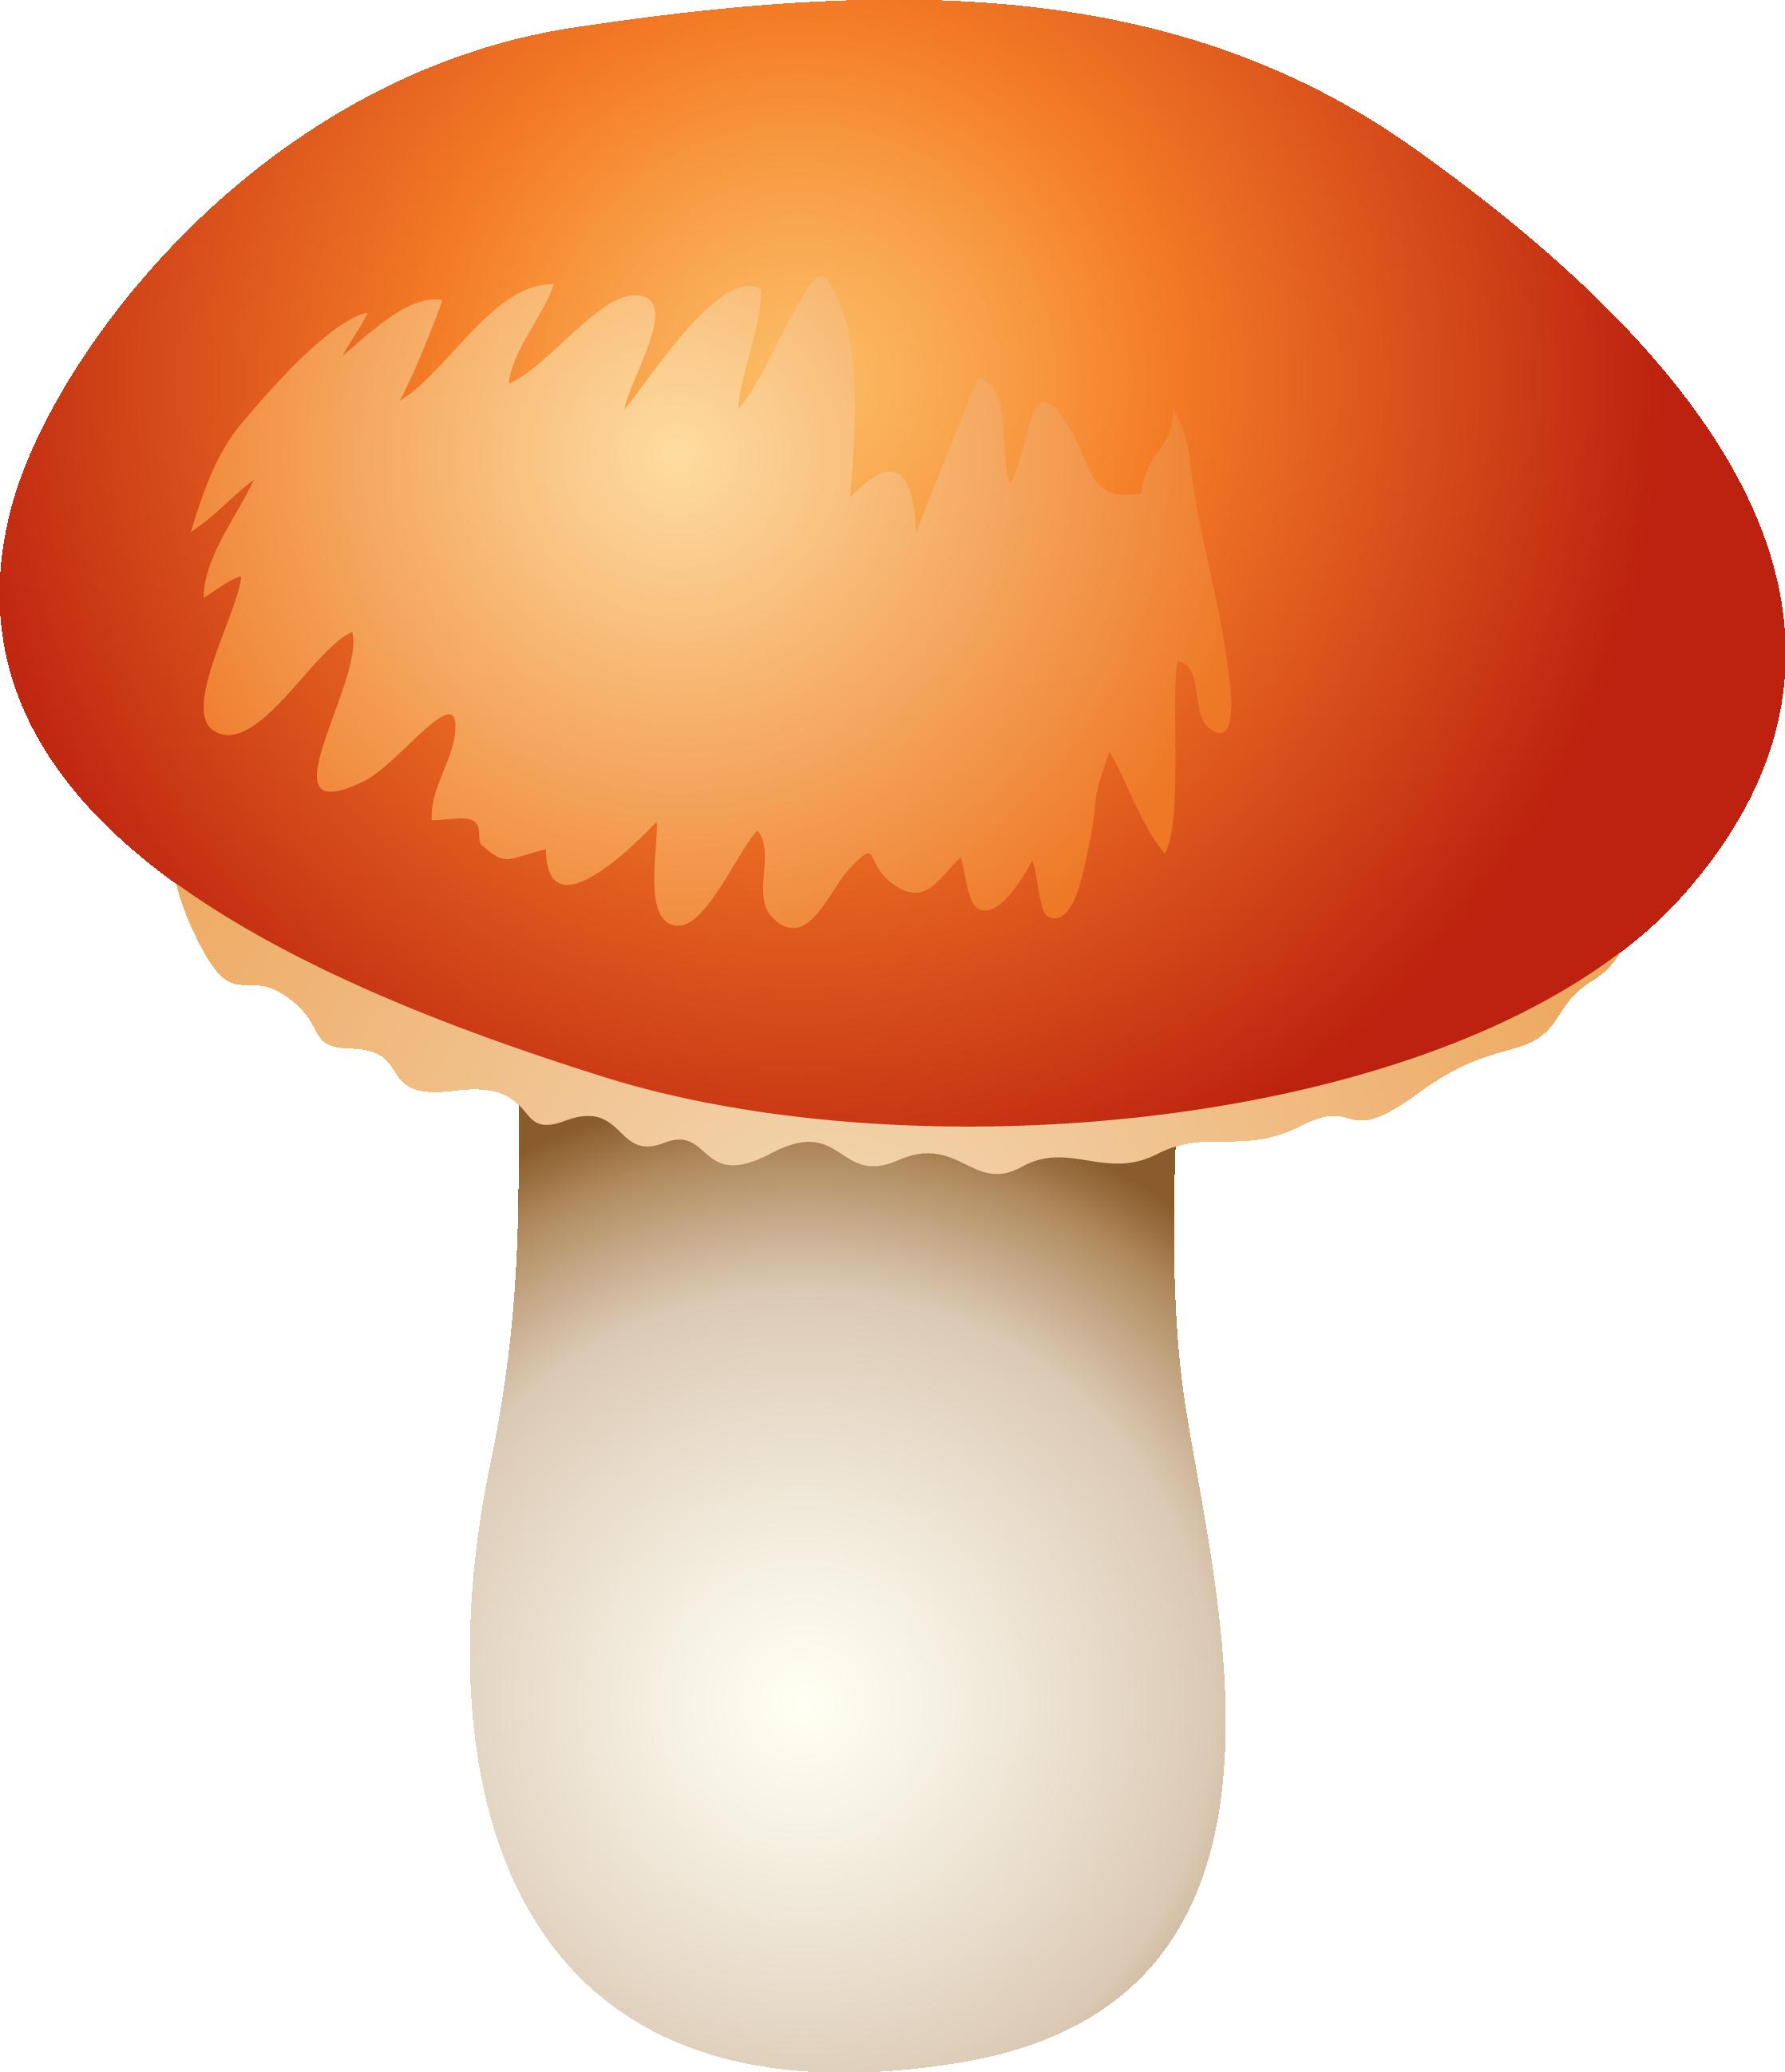 картинка шляпка гриба на прозрачном фоне производство